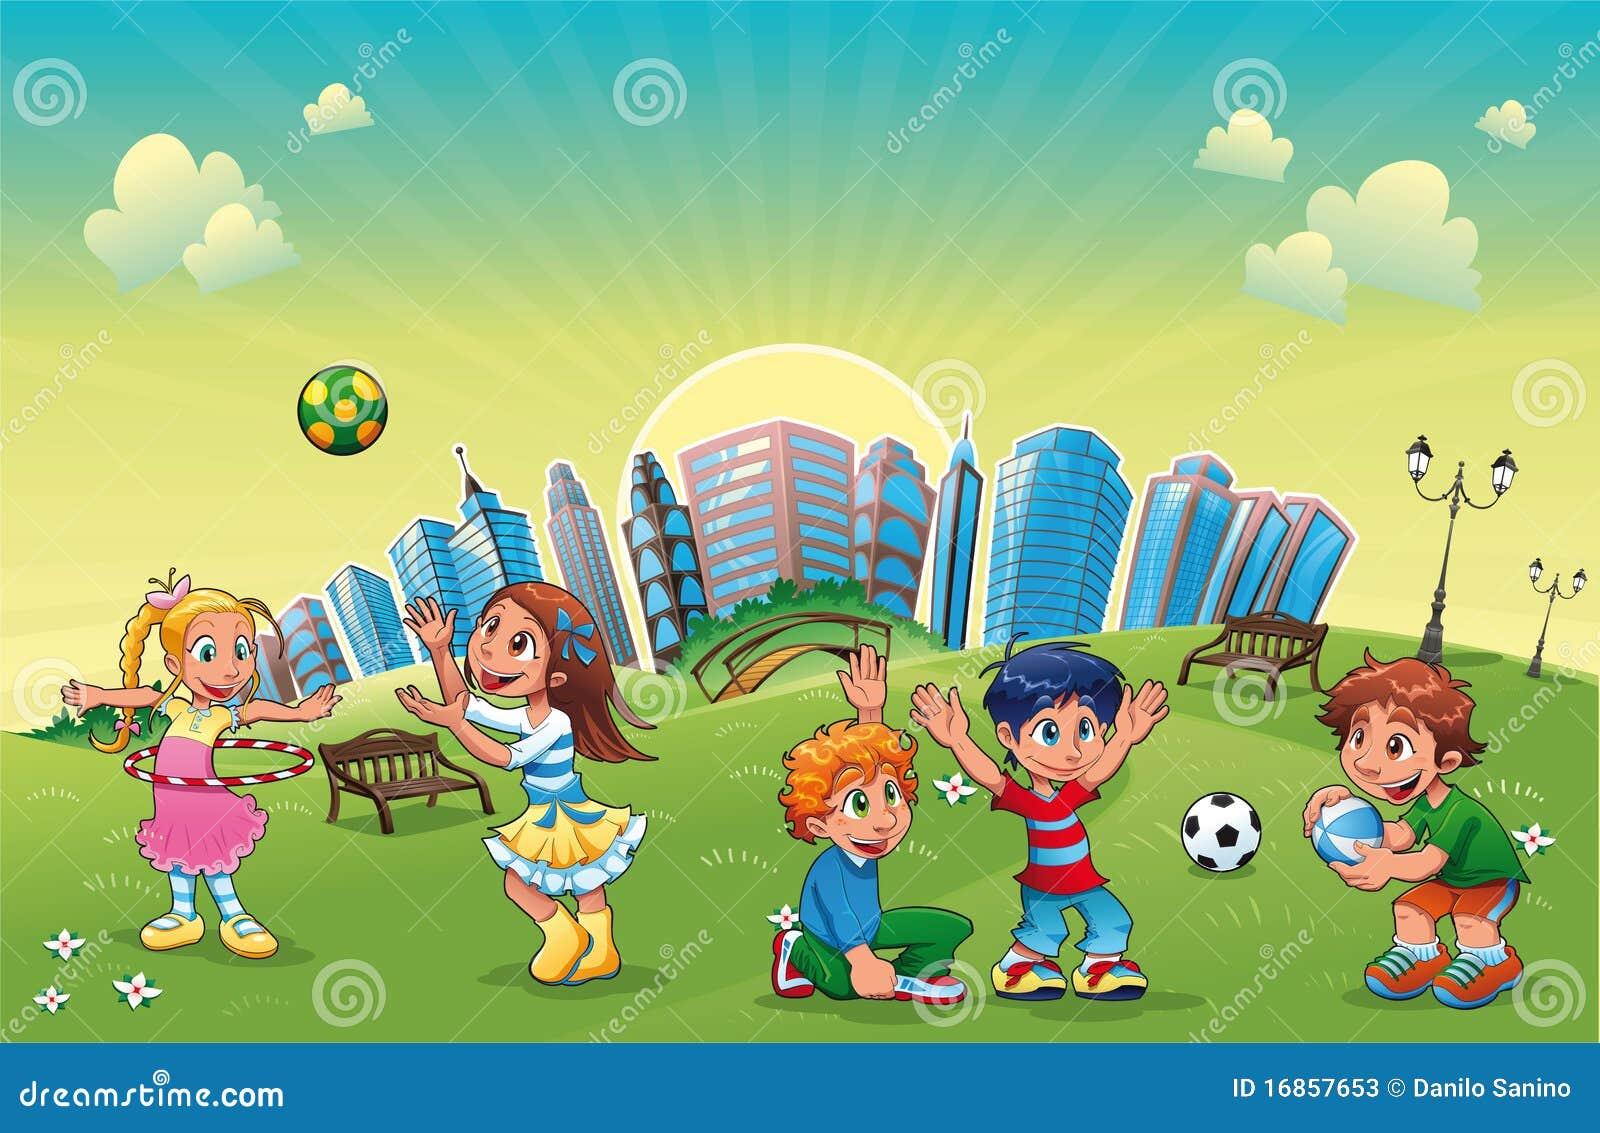 Os meninos e as meninas estão jogando no parque.